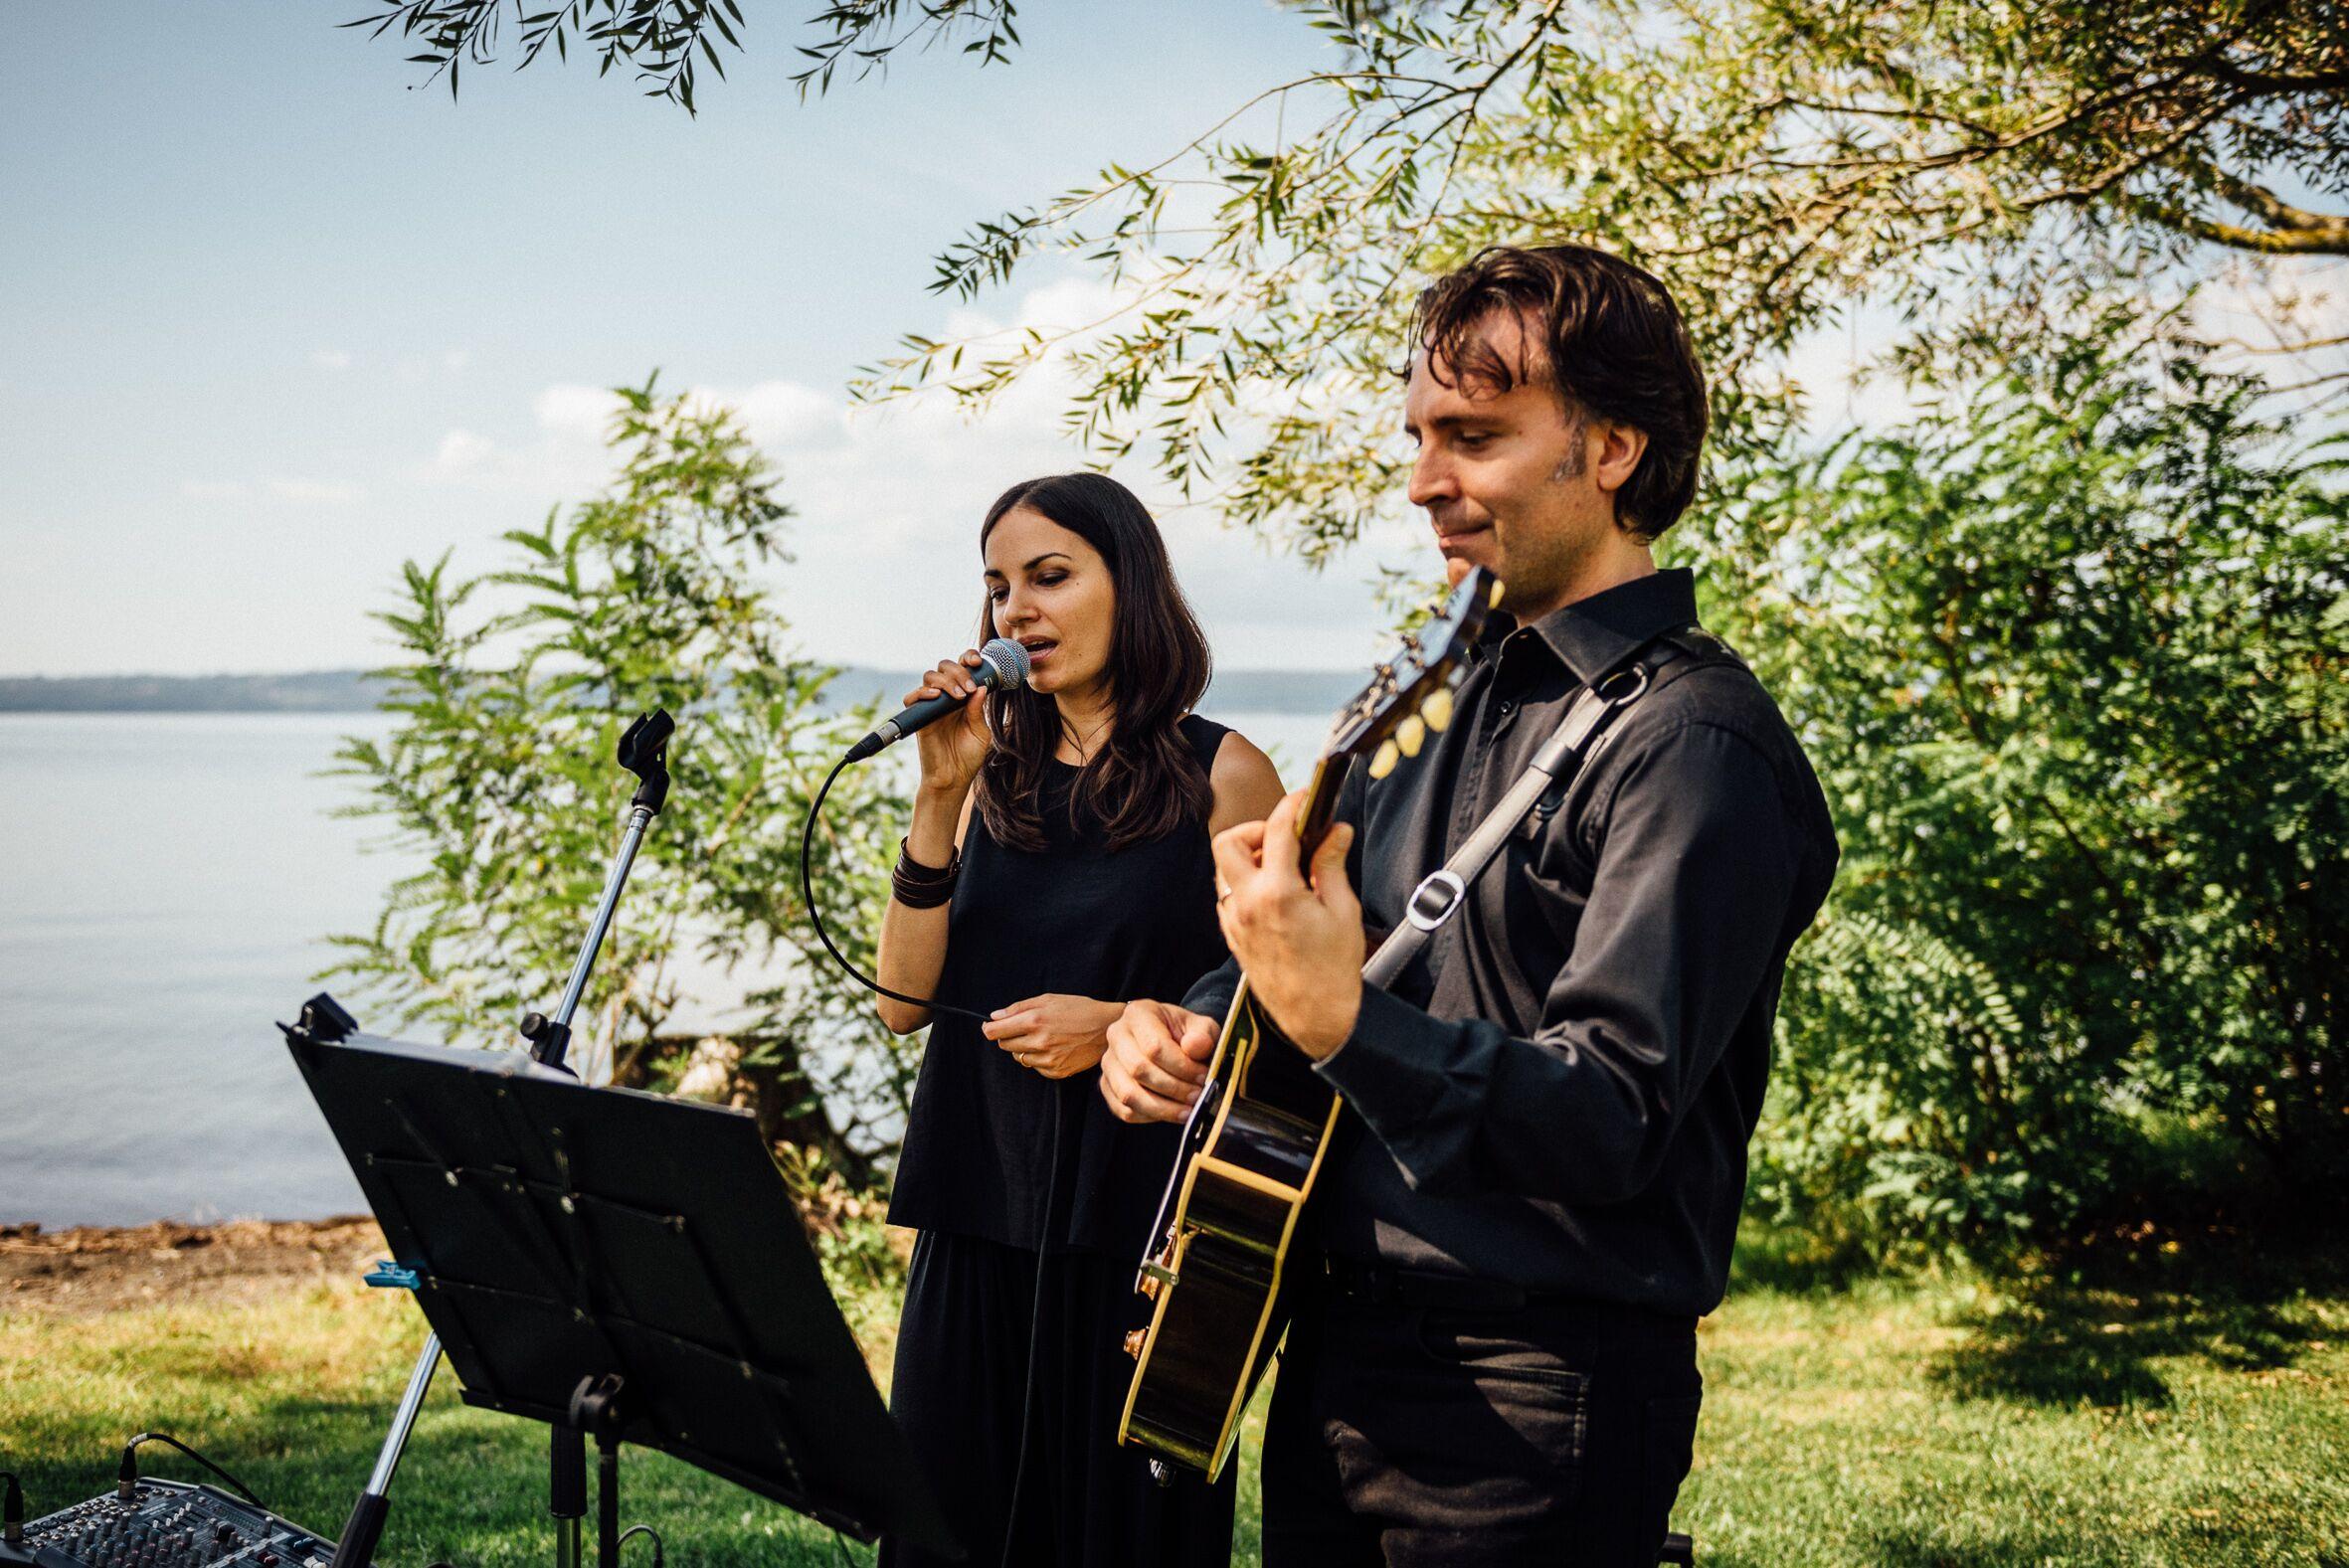 tenuta di polline musica matrimonio roma